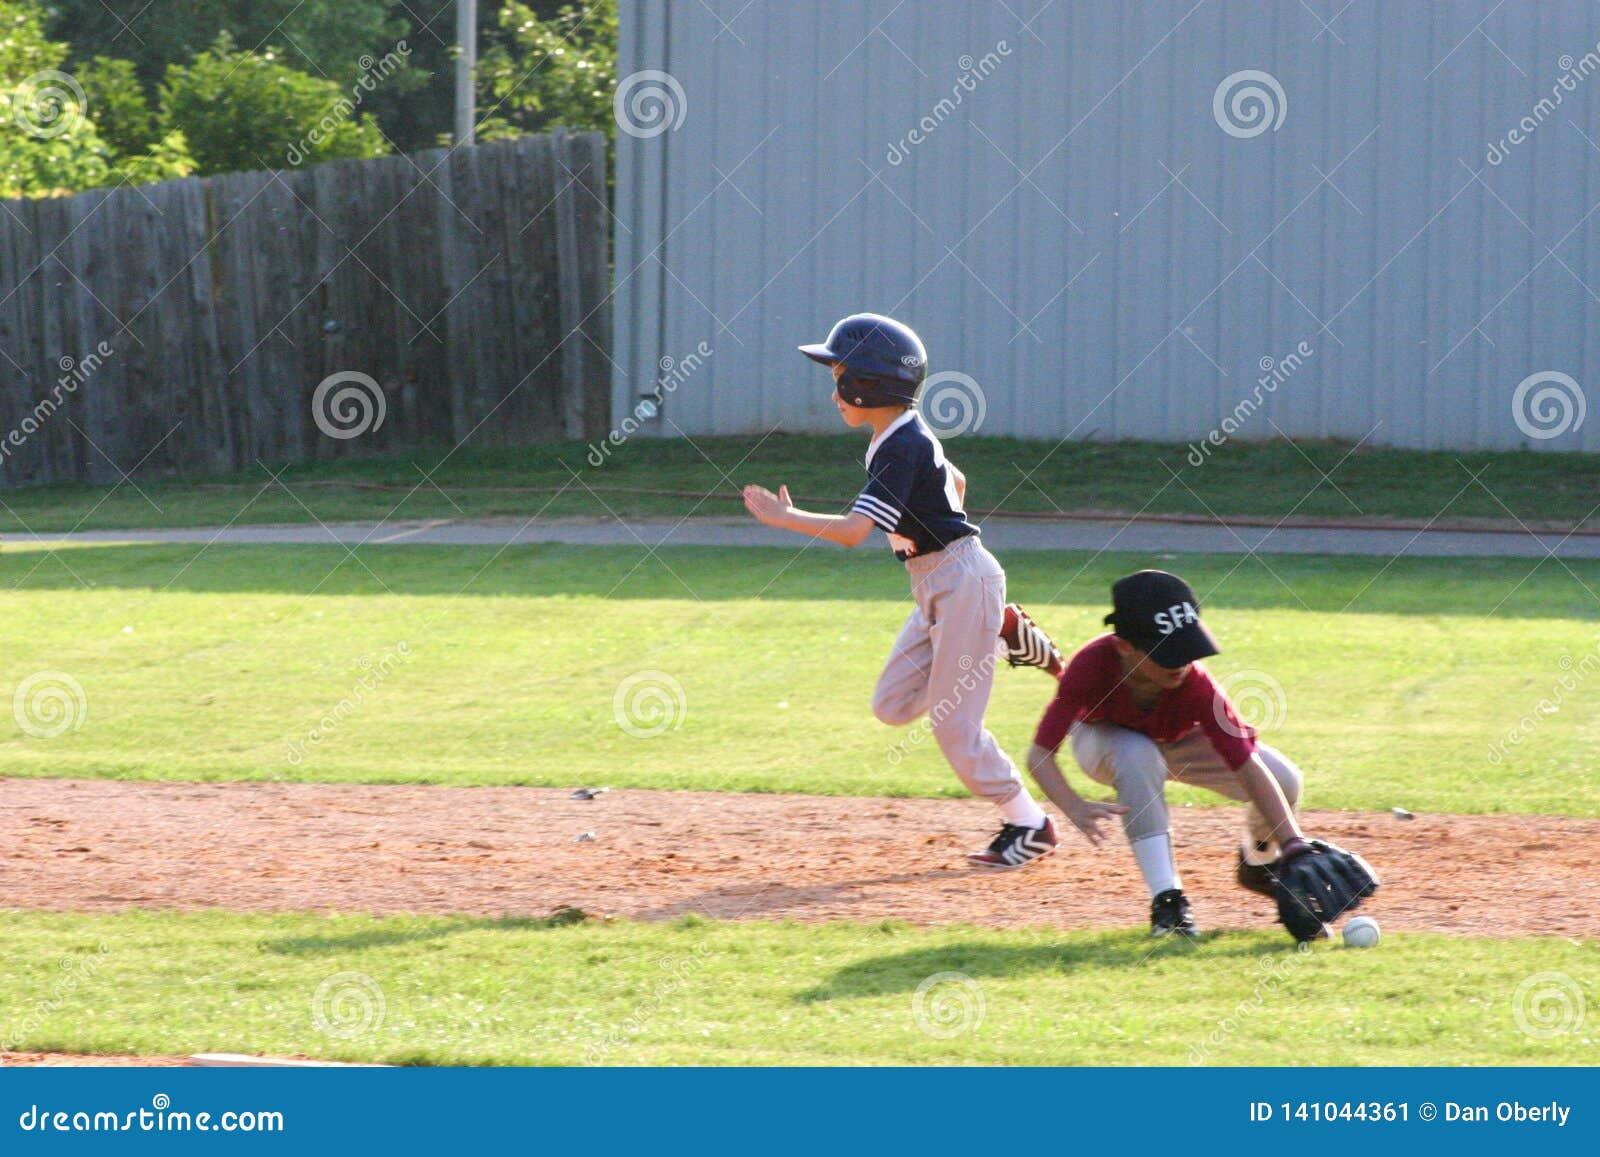 Ο φορέας σόφτμπολ μικρού πρωταθλήματος ορμά για το παίχτη τρίτης βάσης ενώ ο παίχτης δεύτερης βάσης φθάνει για τη σφαίρα